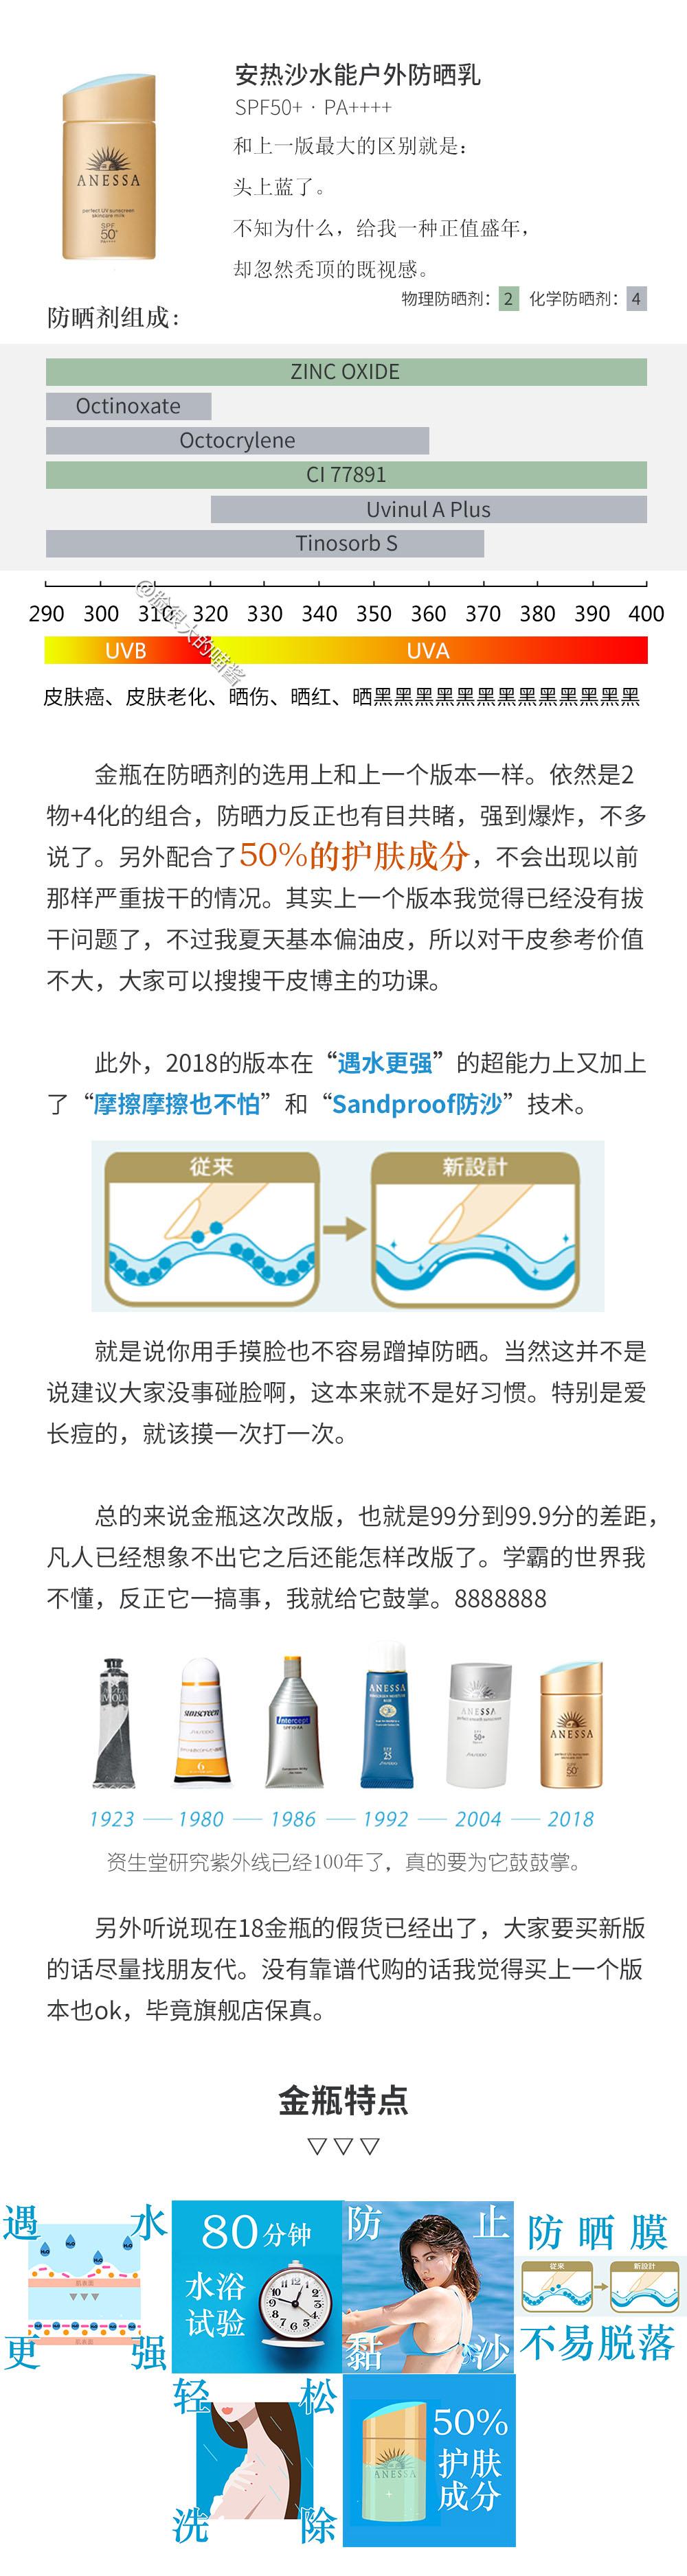 安热沙新款图-1.jpg